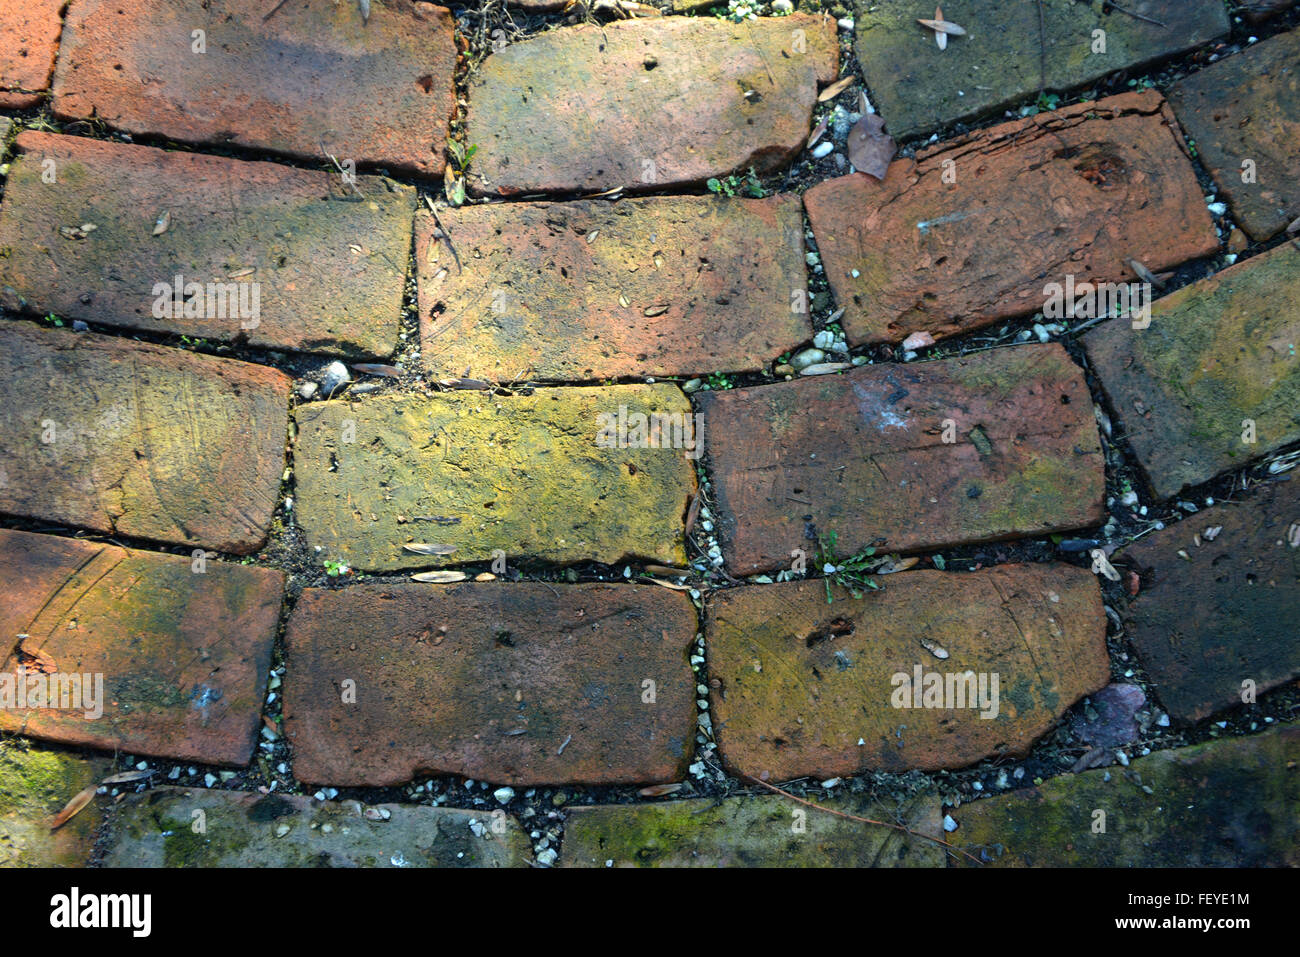 Fußboden Aus Alten Weinfässern ~ Fußboden aus alten ziegelsteinen » fußbodenaufbau verlegung alter